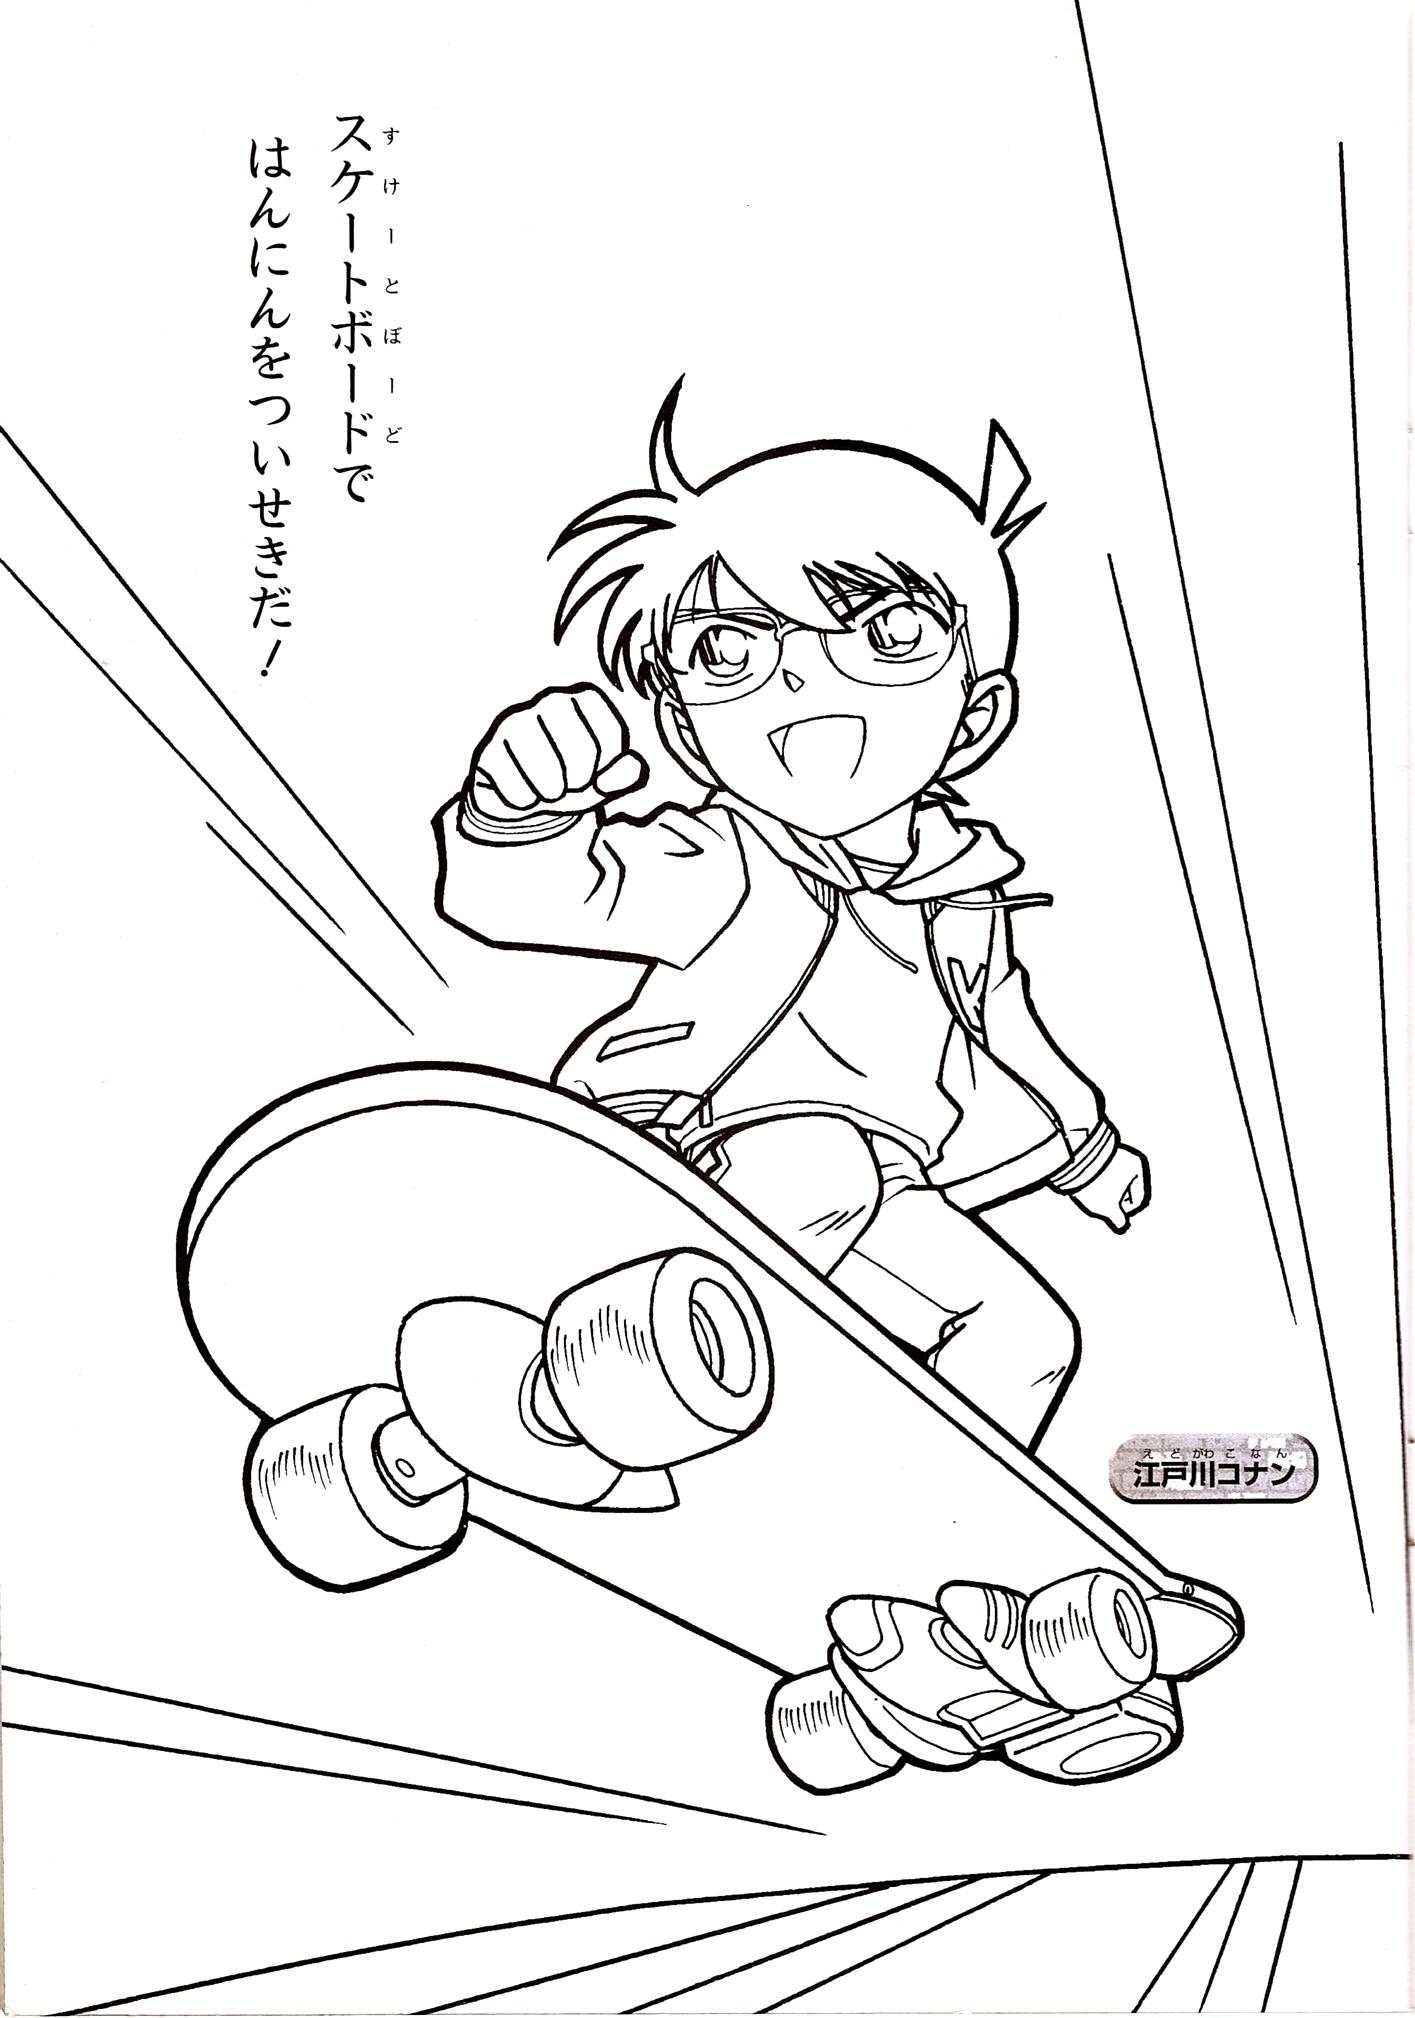 Conan coloring #7, Download drawings